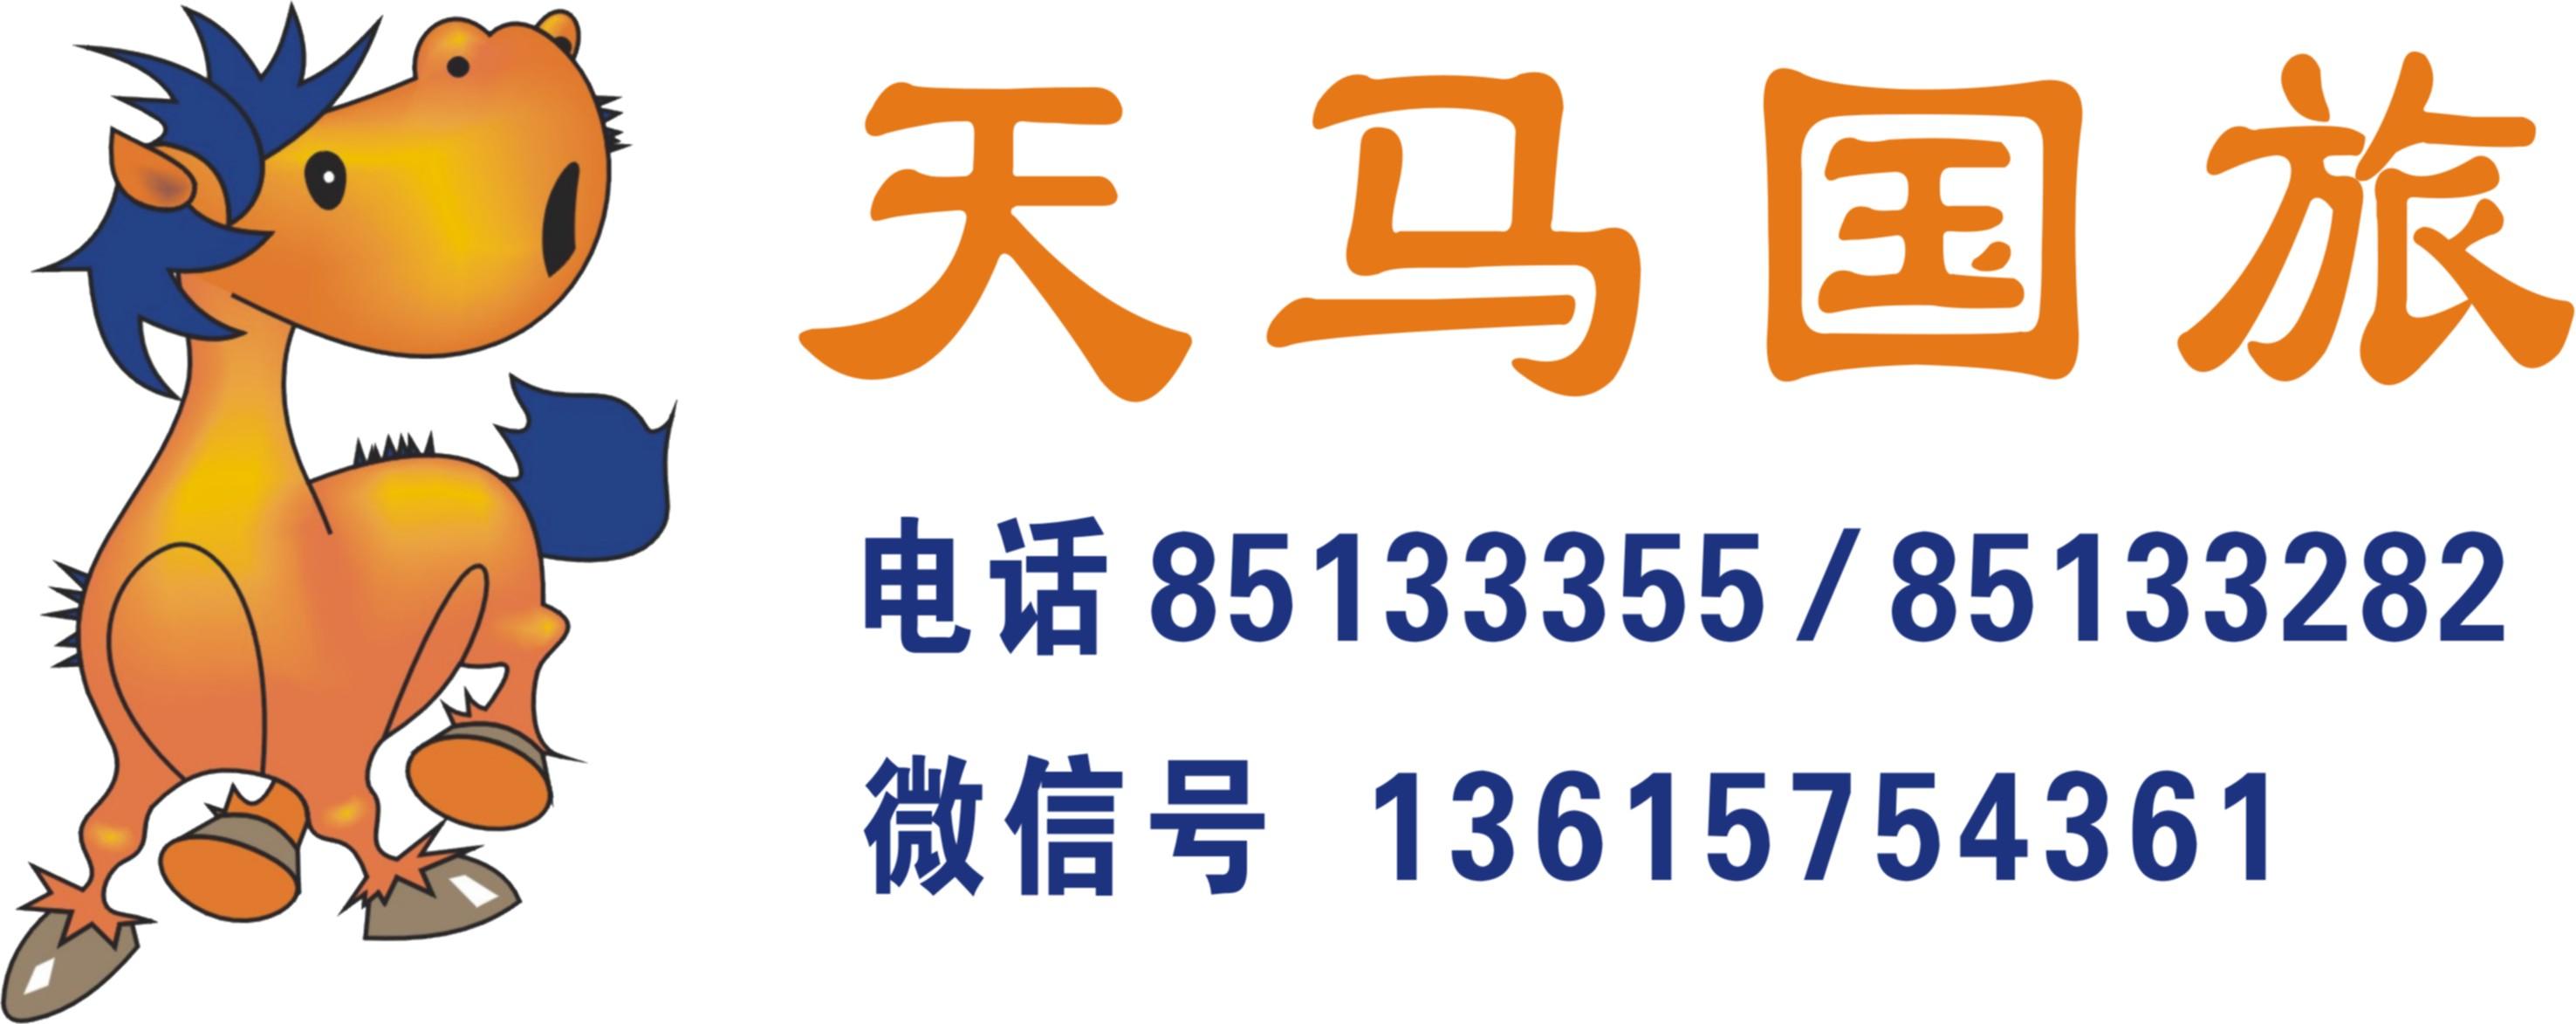 7-8月【南诏风情 昆明大理丽江双飞一动6日】大理动车昆明